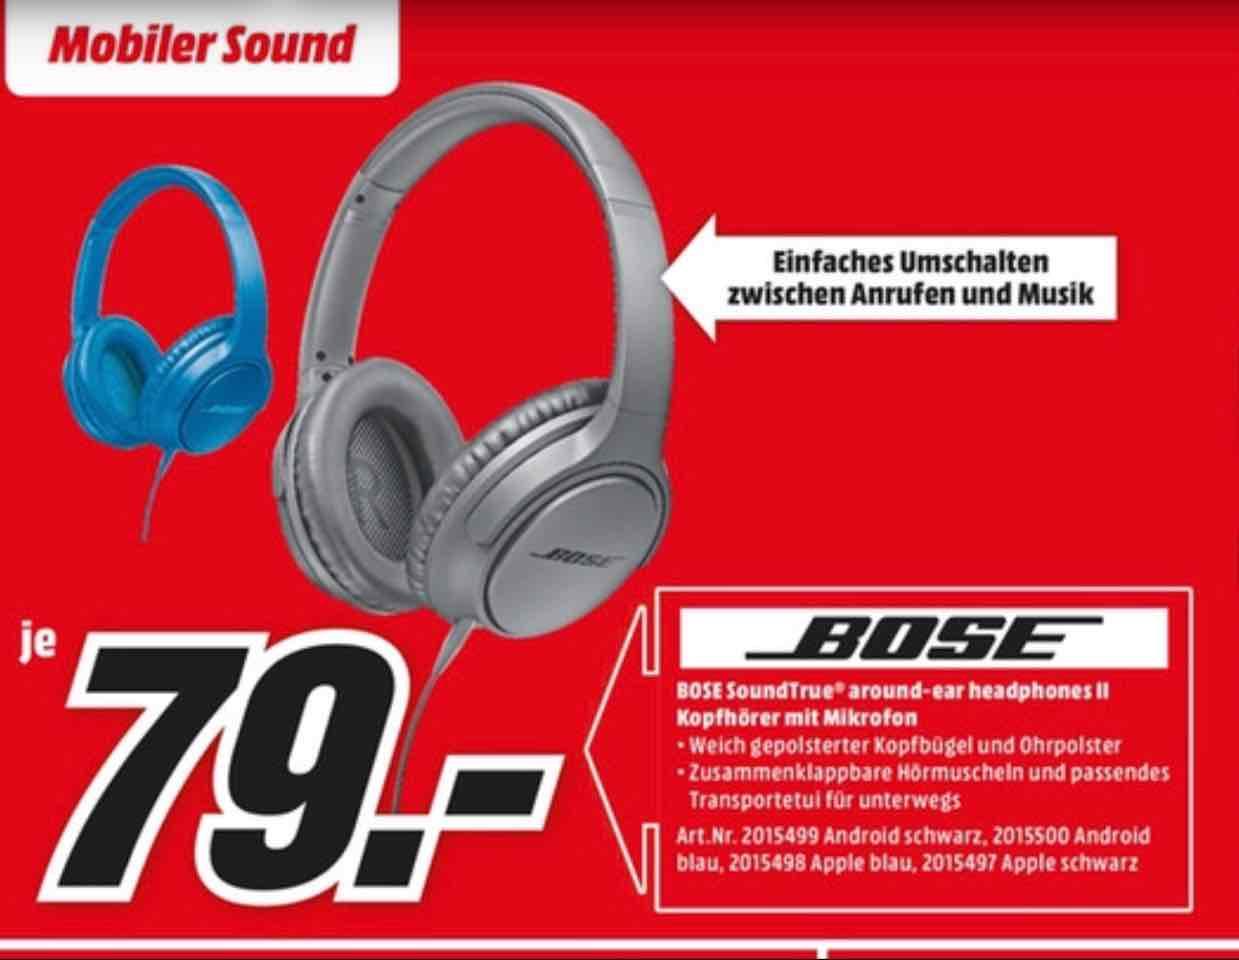 ( Jetzt bundesweit in ausgewählten Märkten ) Bose SoundTrue Around-Ear II für nur 79€ statt 178€